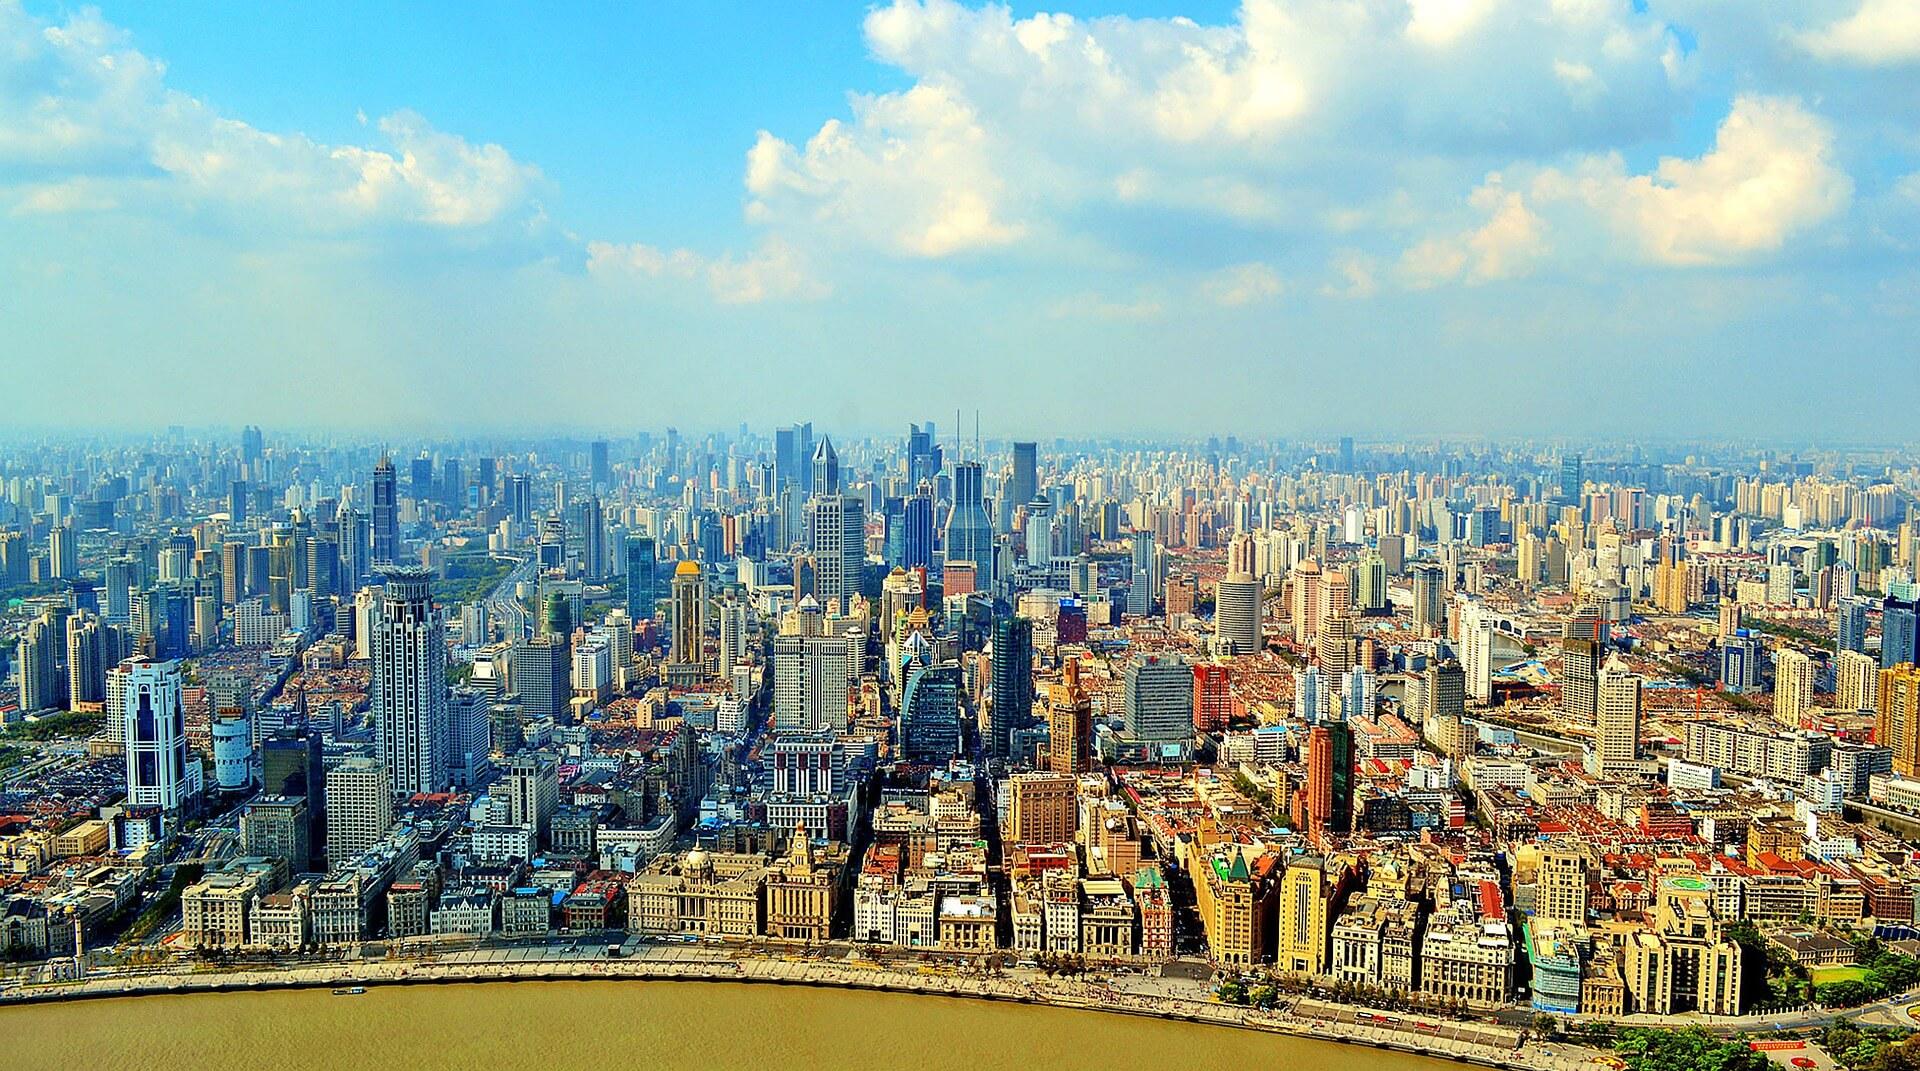 【2020年版】中国経済の最新状況 | 新たなキーワード「双循環」/ コロナ後に急速に回復した今後の見通し…ほか